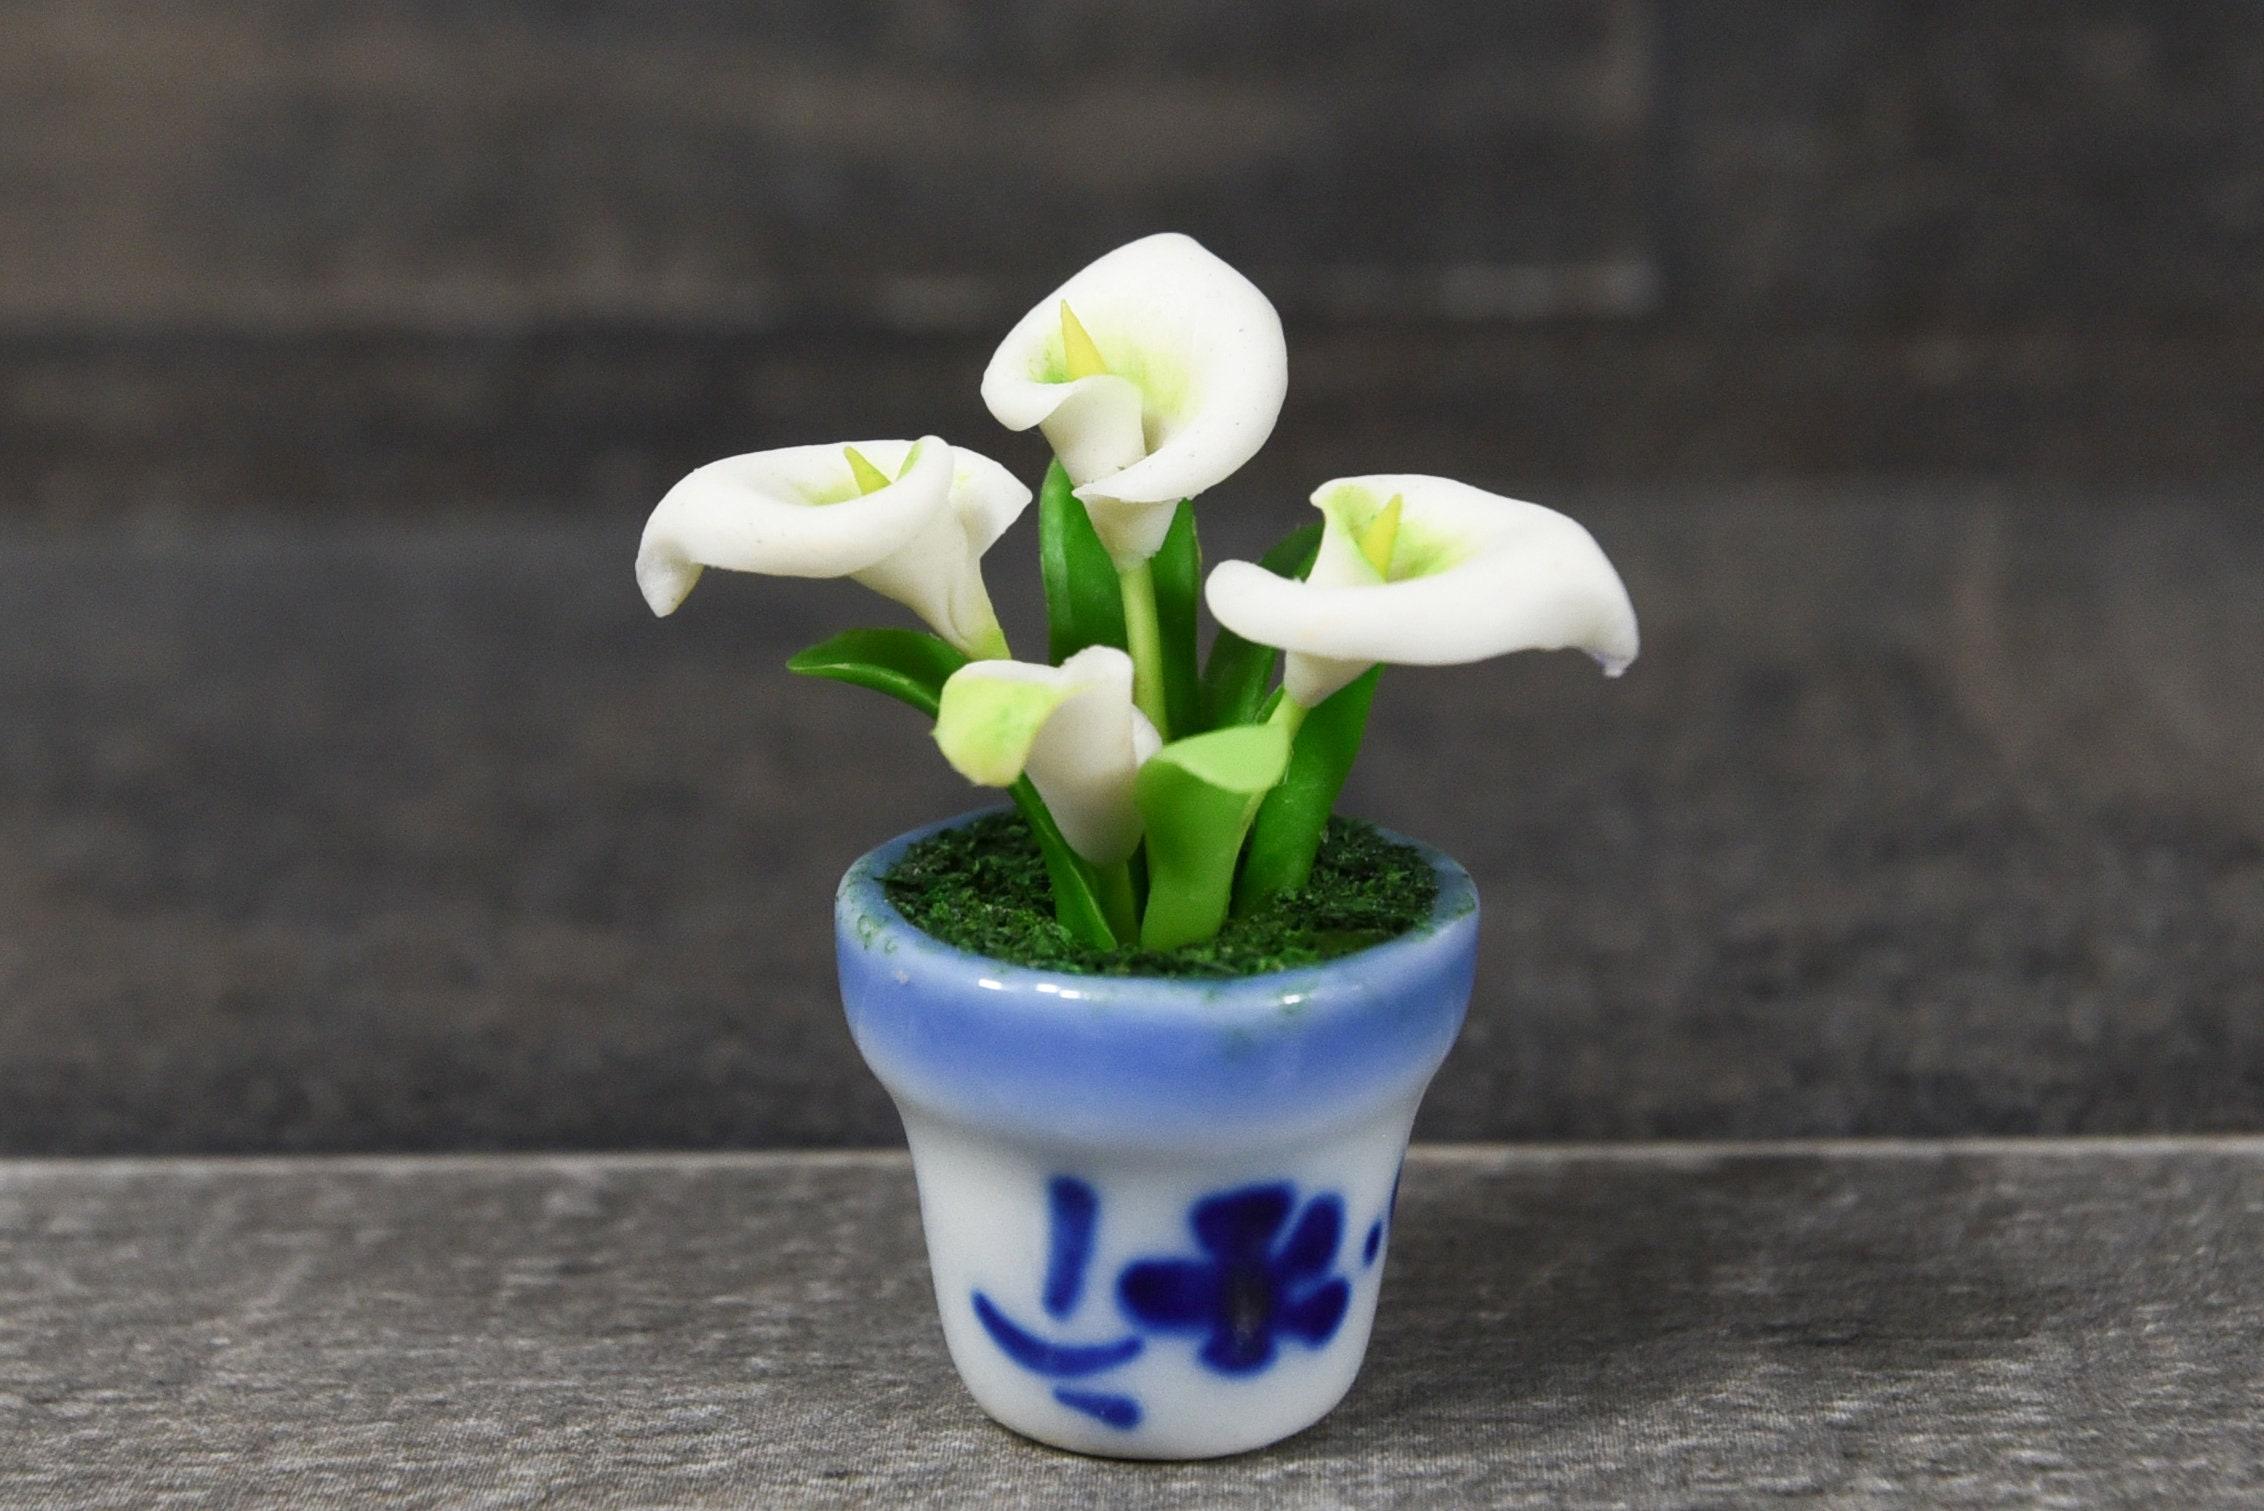 Miniature clay flowers art handmade tiny white cala lily cute etsy zoom izmirmasajfo